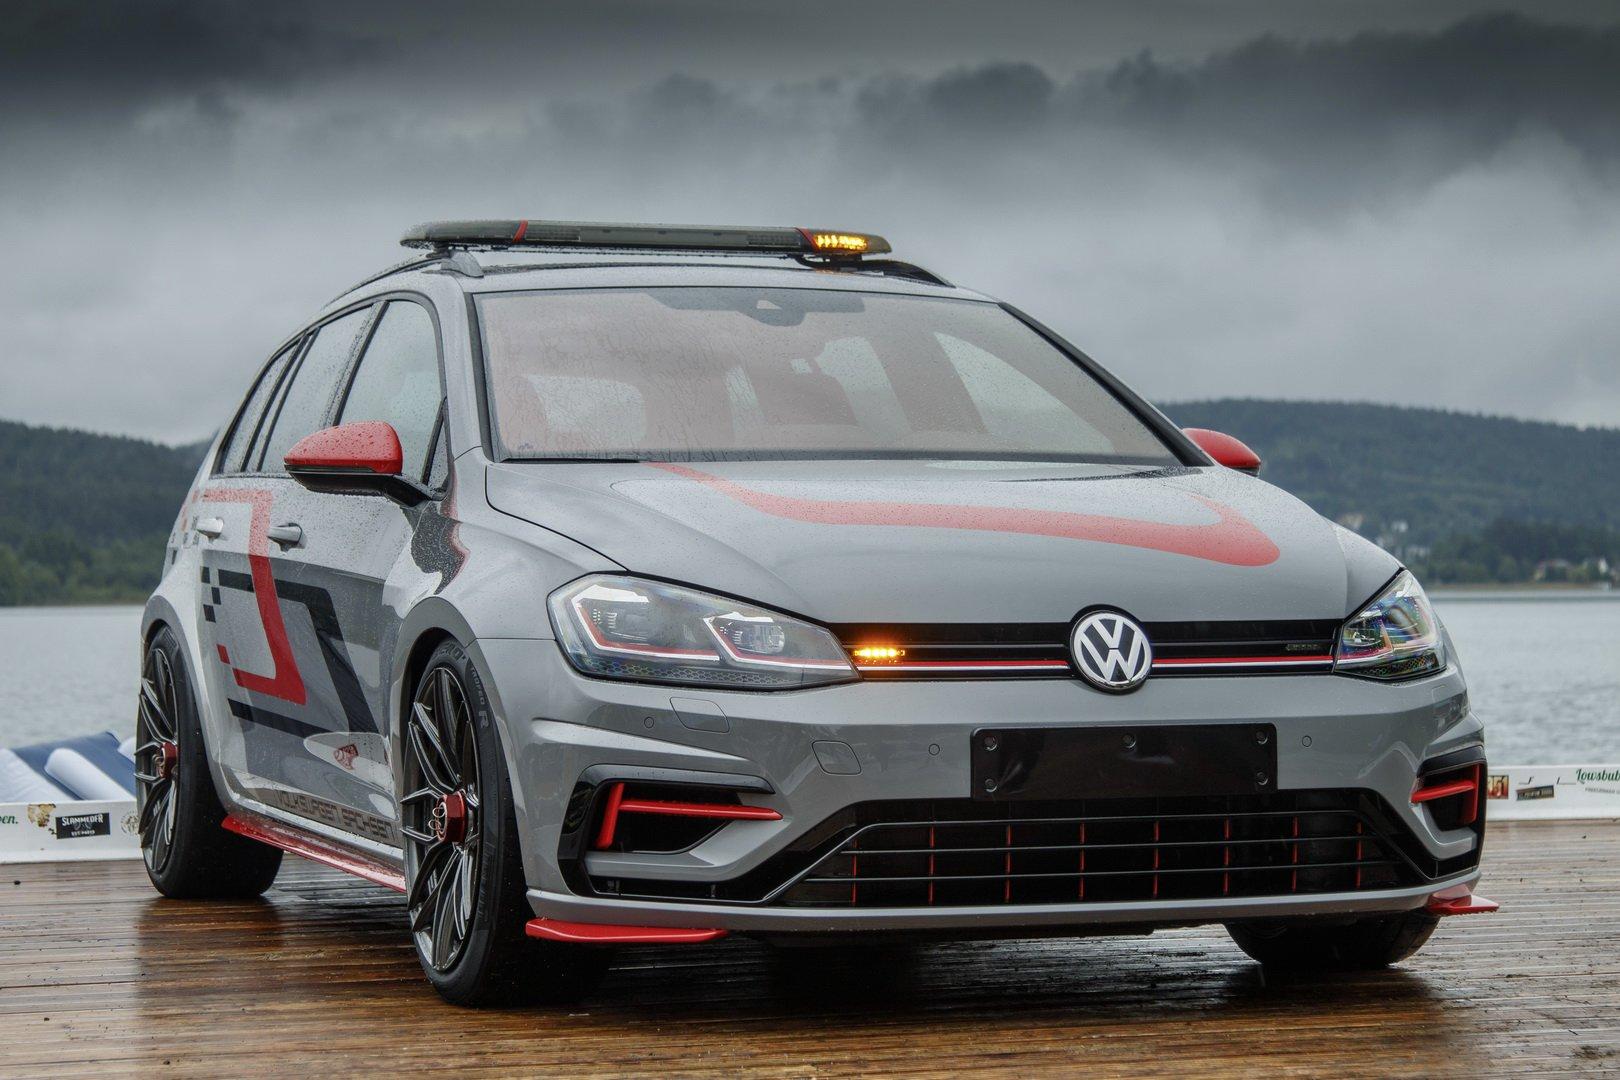 VW-Golf-Estate-R-4MOTION-FighteR-1